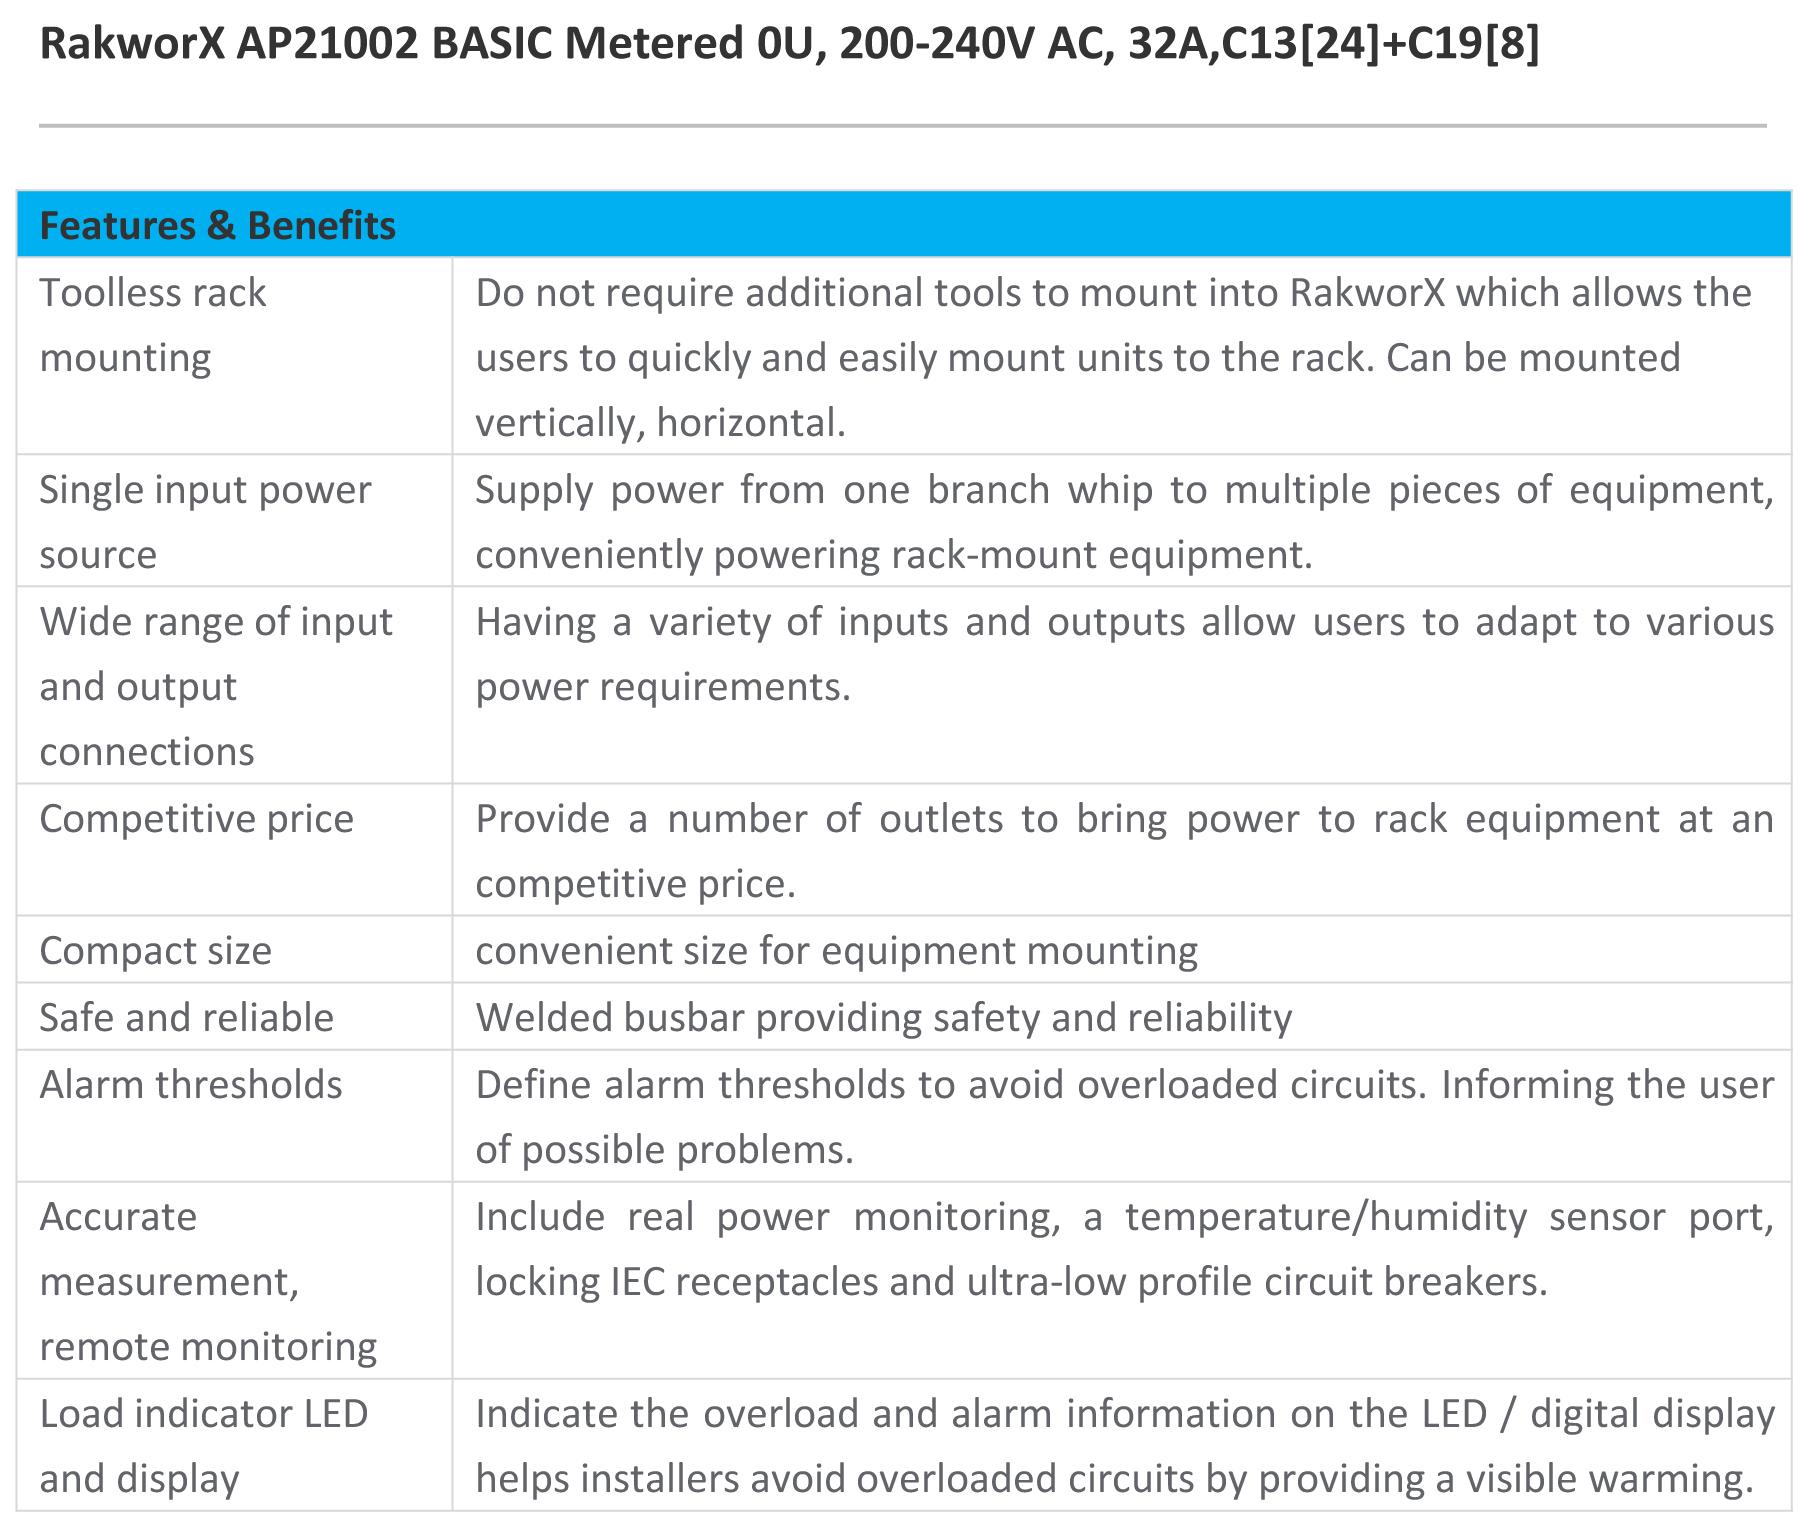 AP21002 BASIC METERED PDU-1